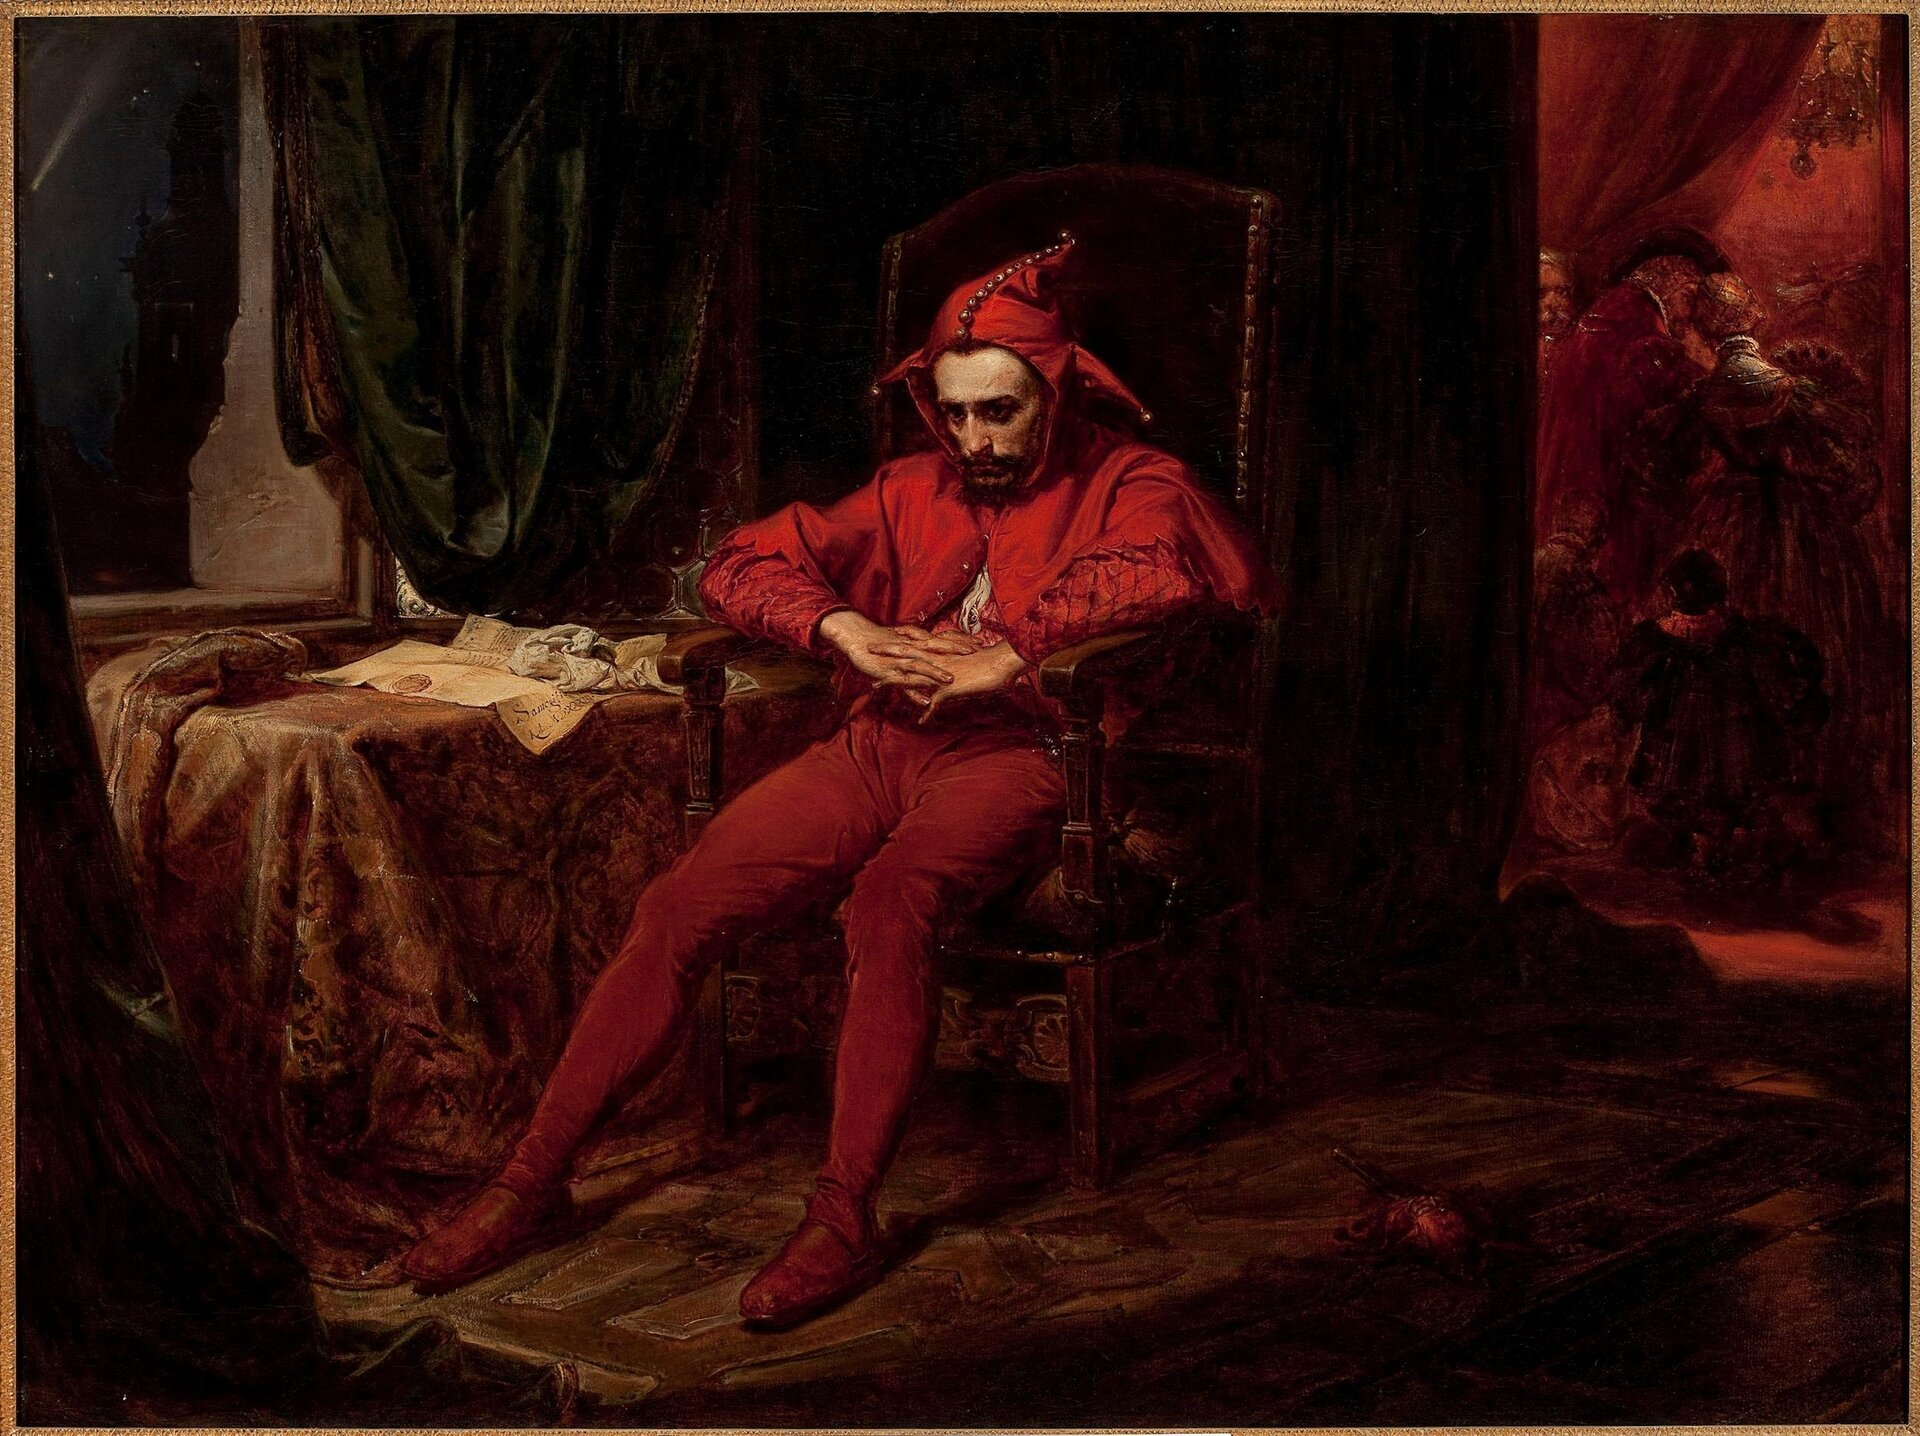 """Ilustracja przedstawia obraz """"Stańczyk"""" autorstwa Jana Matejki. Wcentrum dzieła znajduje się ubrany na czerwono błazen zasiadający na dużym, drewnianym krześle zrzeźbionymi zdobieniami. Postać siedzi luźno zwyciągniętymi nogami iopartymi na podłokietnikach rękami. Dłonie ma splecione przed sobą. Na głowę Stańczyka zaciągnięty jest kaptur ztrzema rogami idzwoneczkami. Cała sylwetka ukazuje zwątpienie. Spuszczona głowa, zamyślona, spoglądająca przed siebie wciemność twarz wyraża smutek. Dobrze oświetlona postać znajduje się wciemnej komnacie, której ściany pokrywają ciemno-zielone, ciężkie kotary. Po lewej stronie, przy oknie stoi stół pokryty kolorową draperią. Na stole leżą rozłożone dokumenty. Wgłębi kadru, po prawej stronie ukazane jest na czerwono oświetlone wnętrze, pełne bawiących się ludzi. Dzieło utrzymane jest wwąskiej gamie barwnej ciemnych brązów izieleni zakcentami gorących czerwieni."""